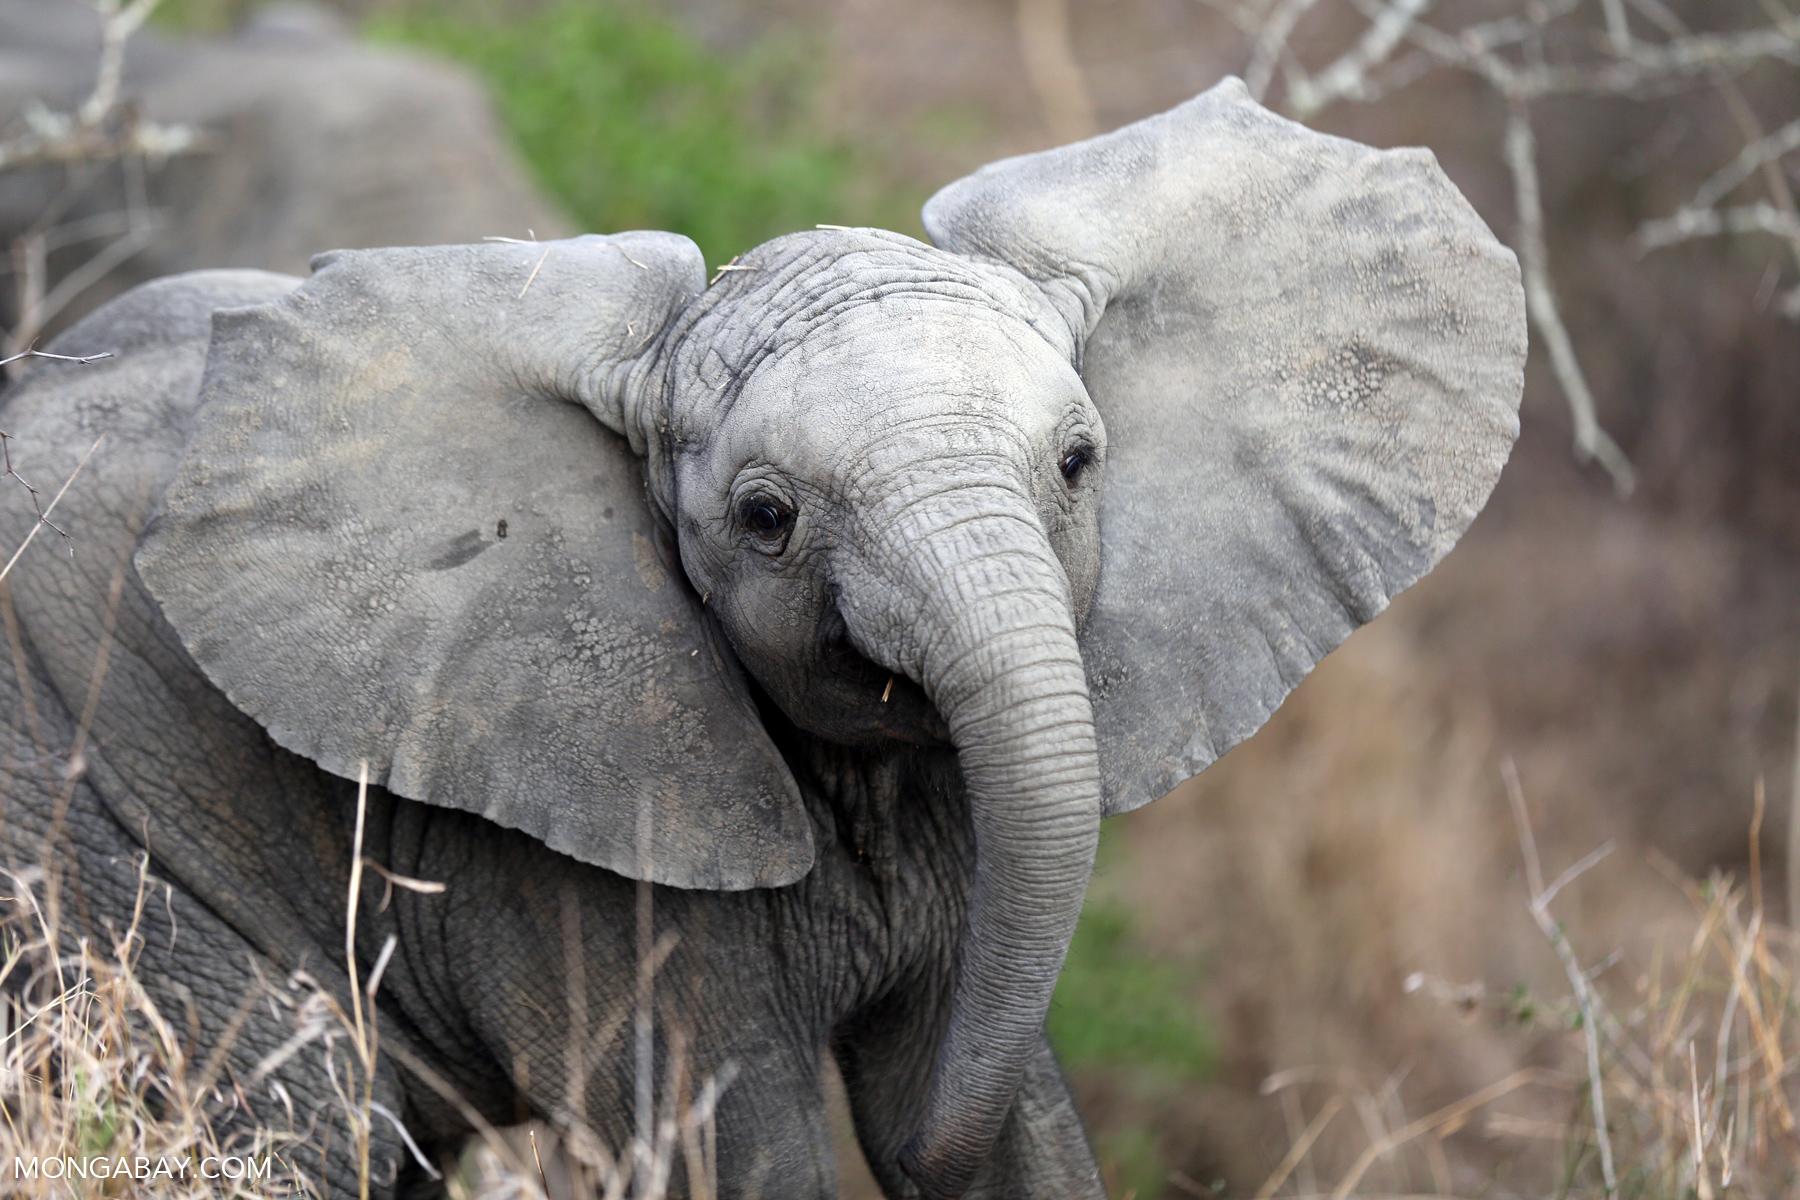 Elefante africano. Foto: Rhett A. Butler / Mongabay